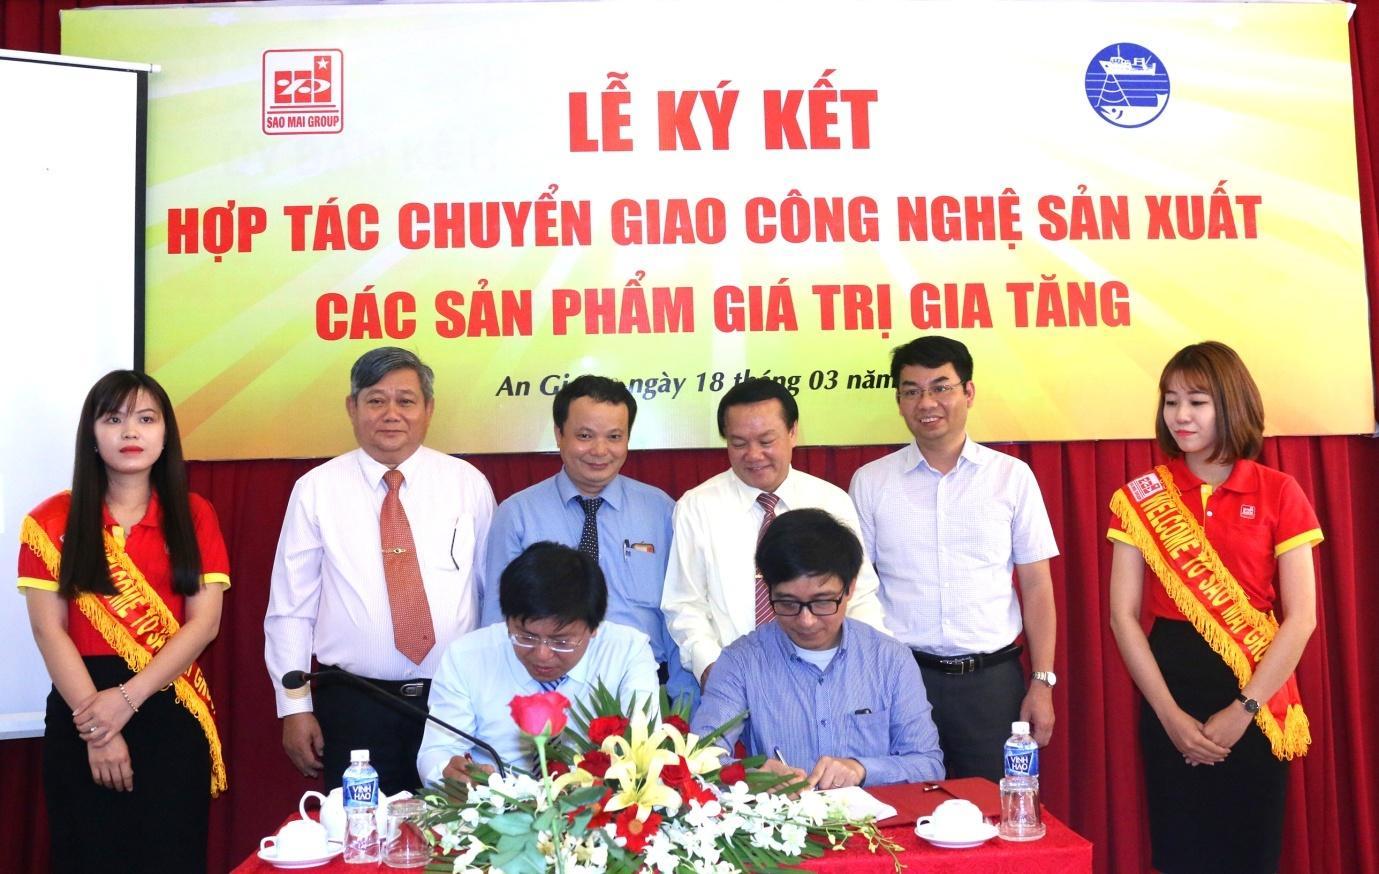 Viện nghiên cứu Hải sản ký hợp tác toàn diện  với Tập đoàn Sao Mai